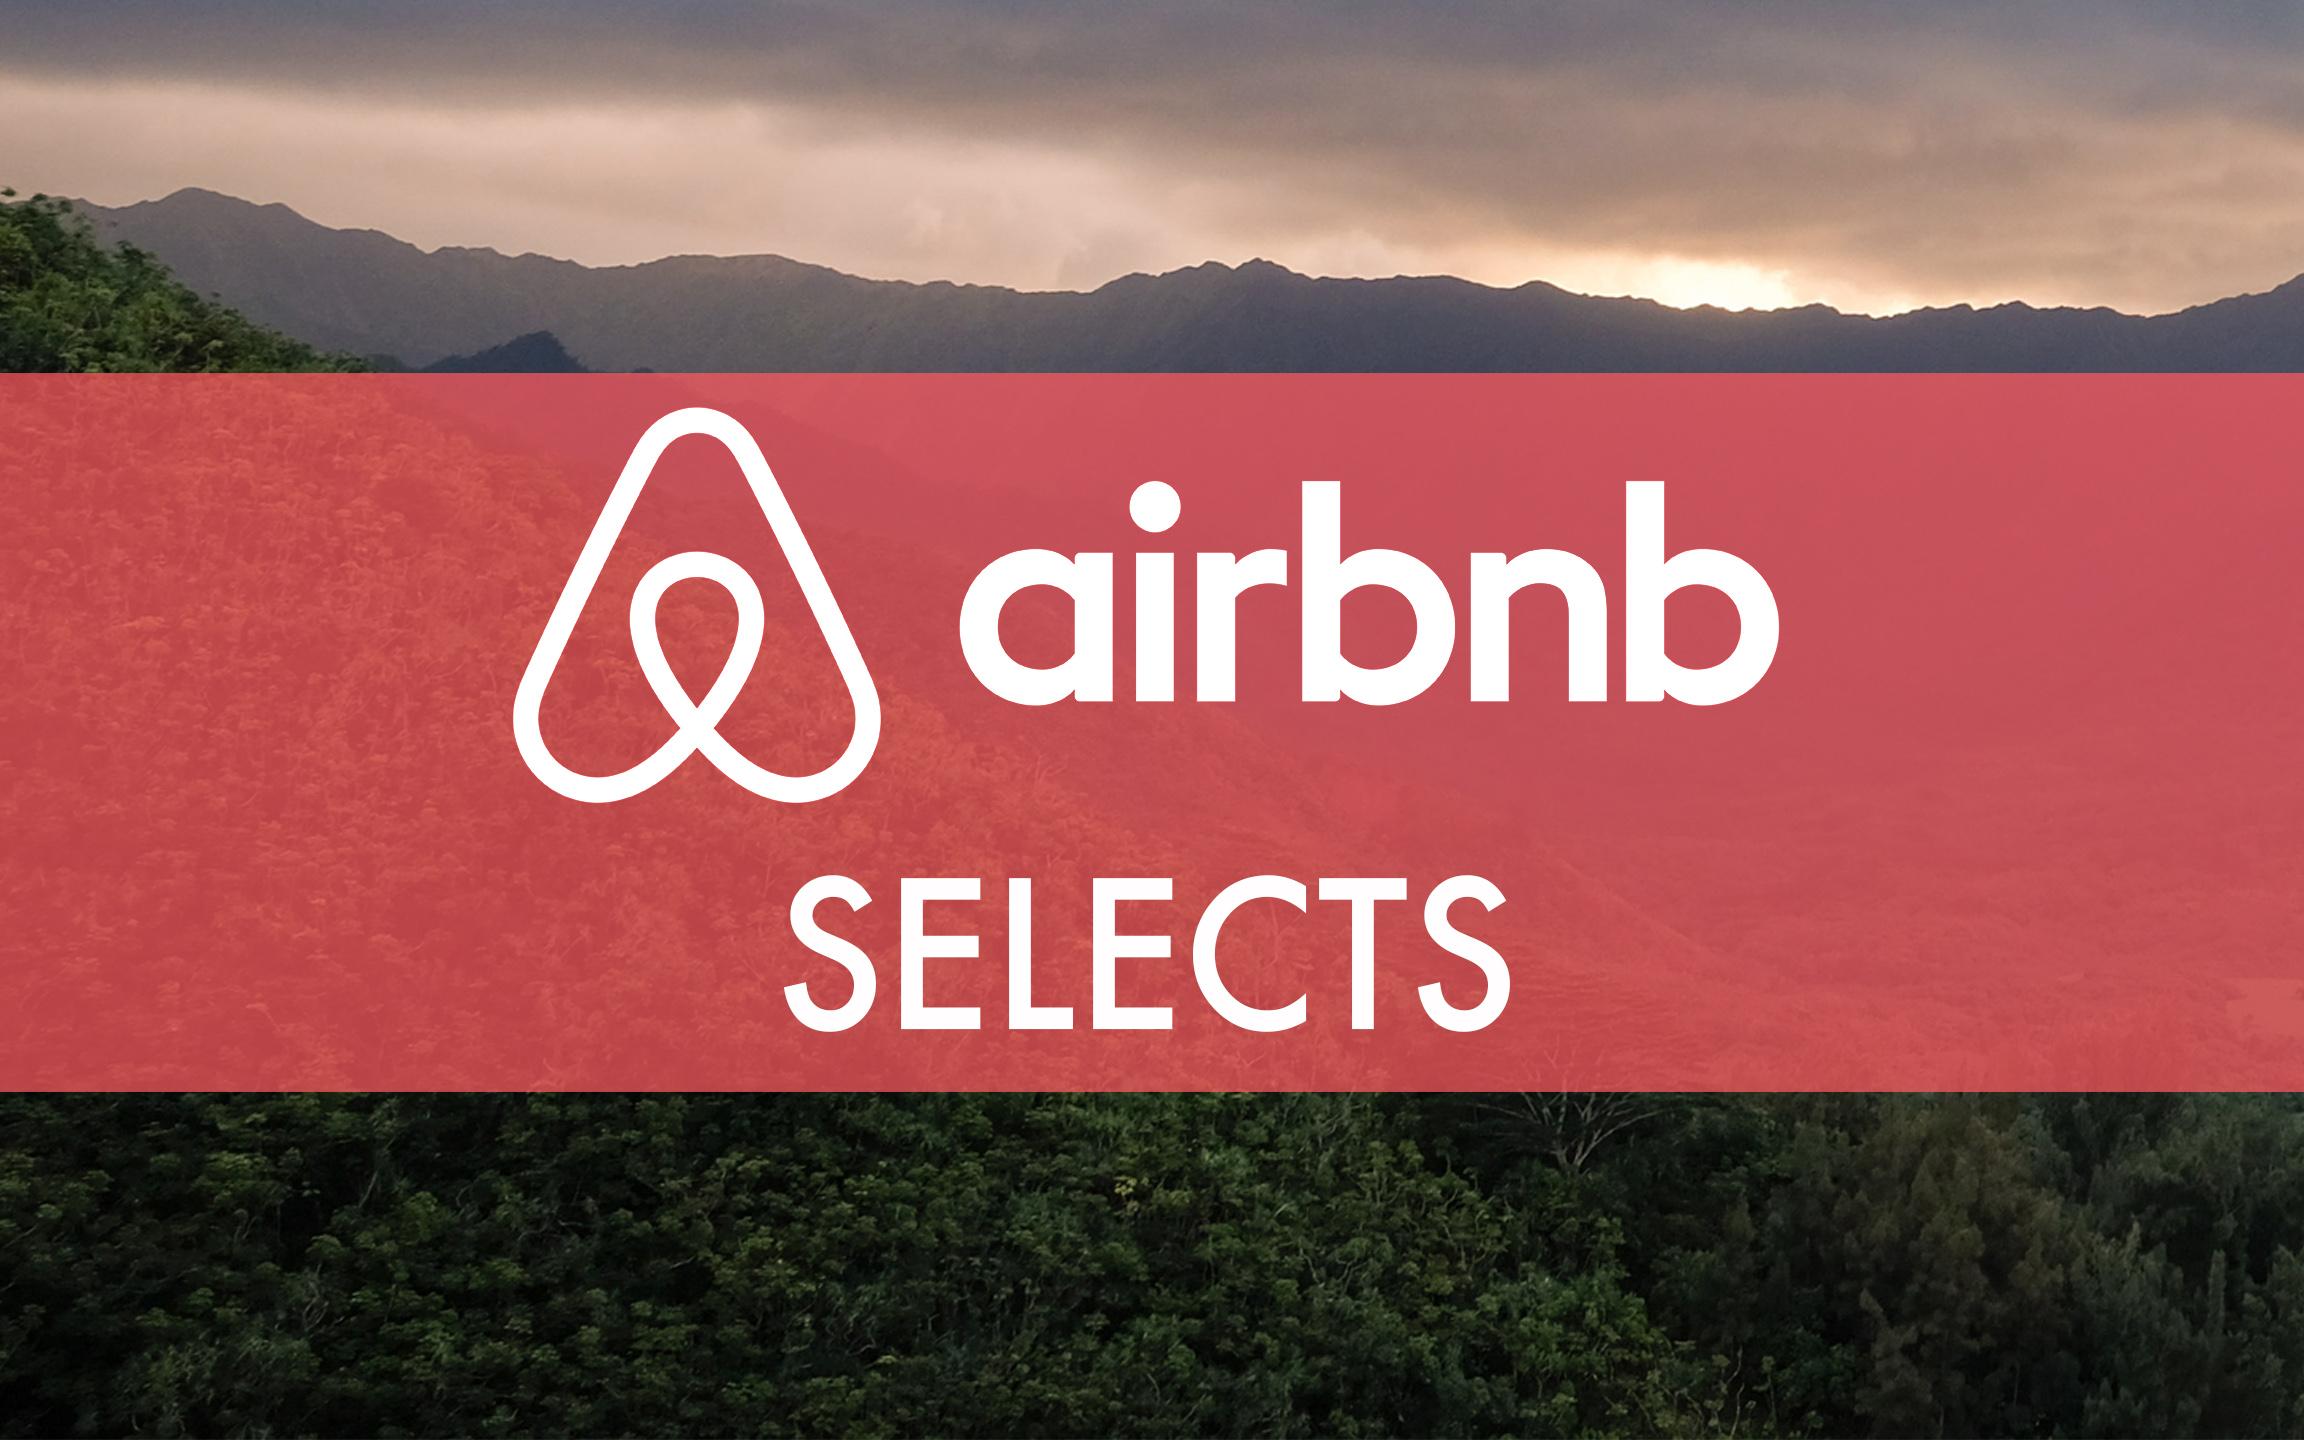 Airbnb Selects Oahu.jpg